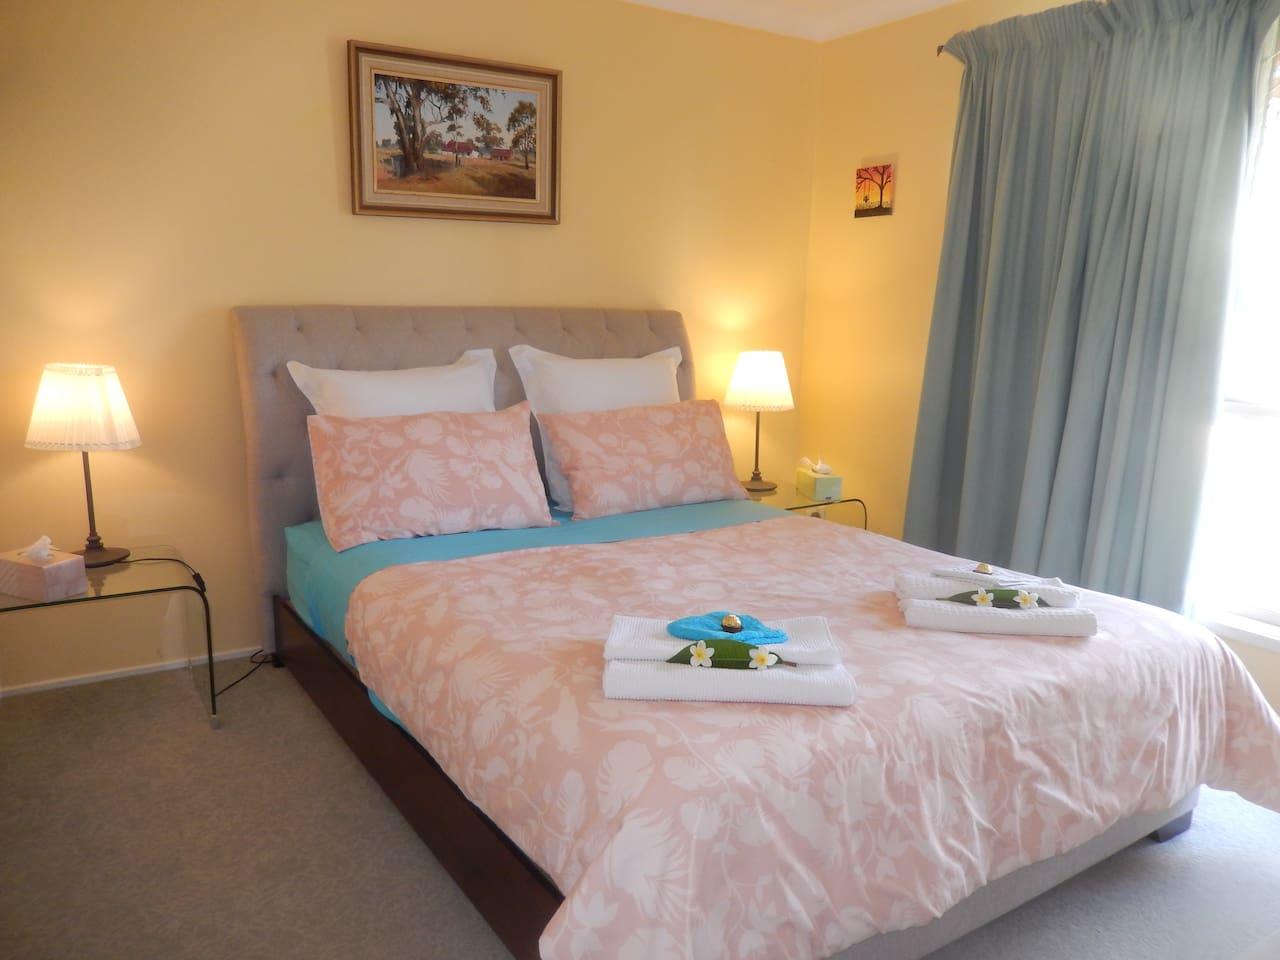 Bedroom 1 - Comfortable queensize bed with electric blanket in winter.